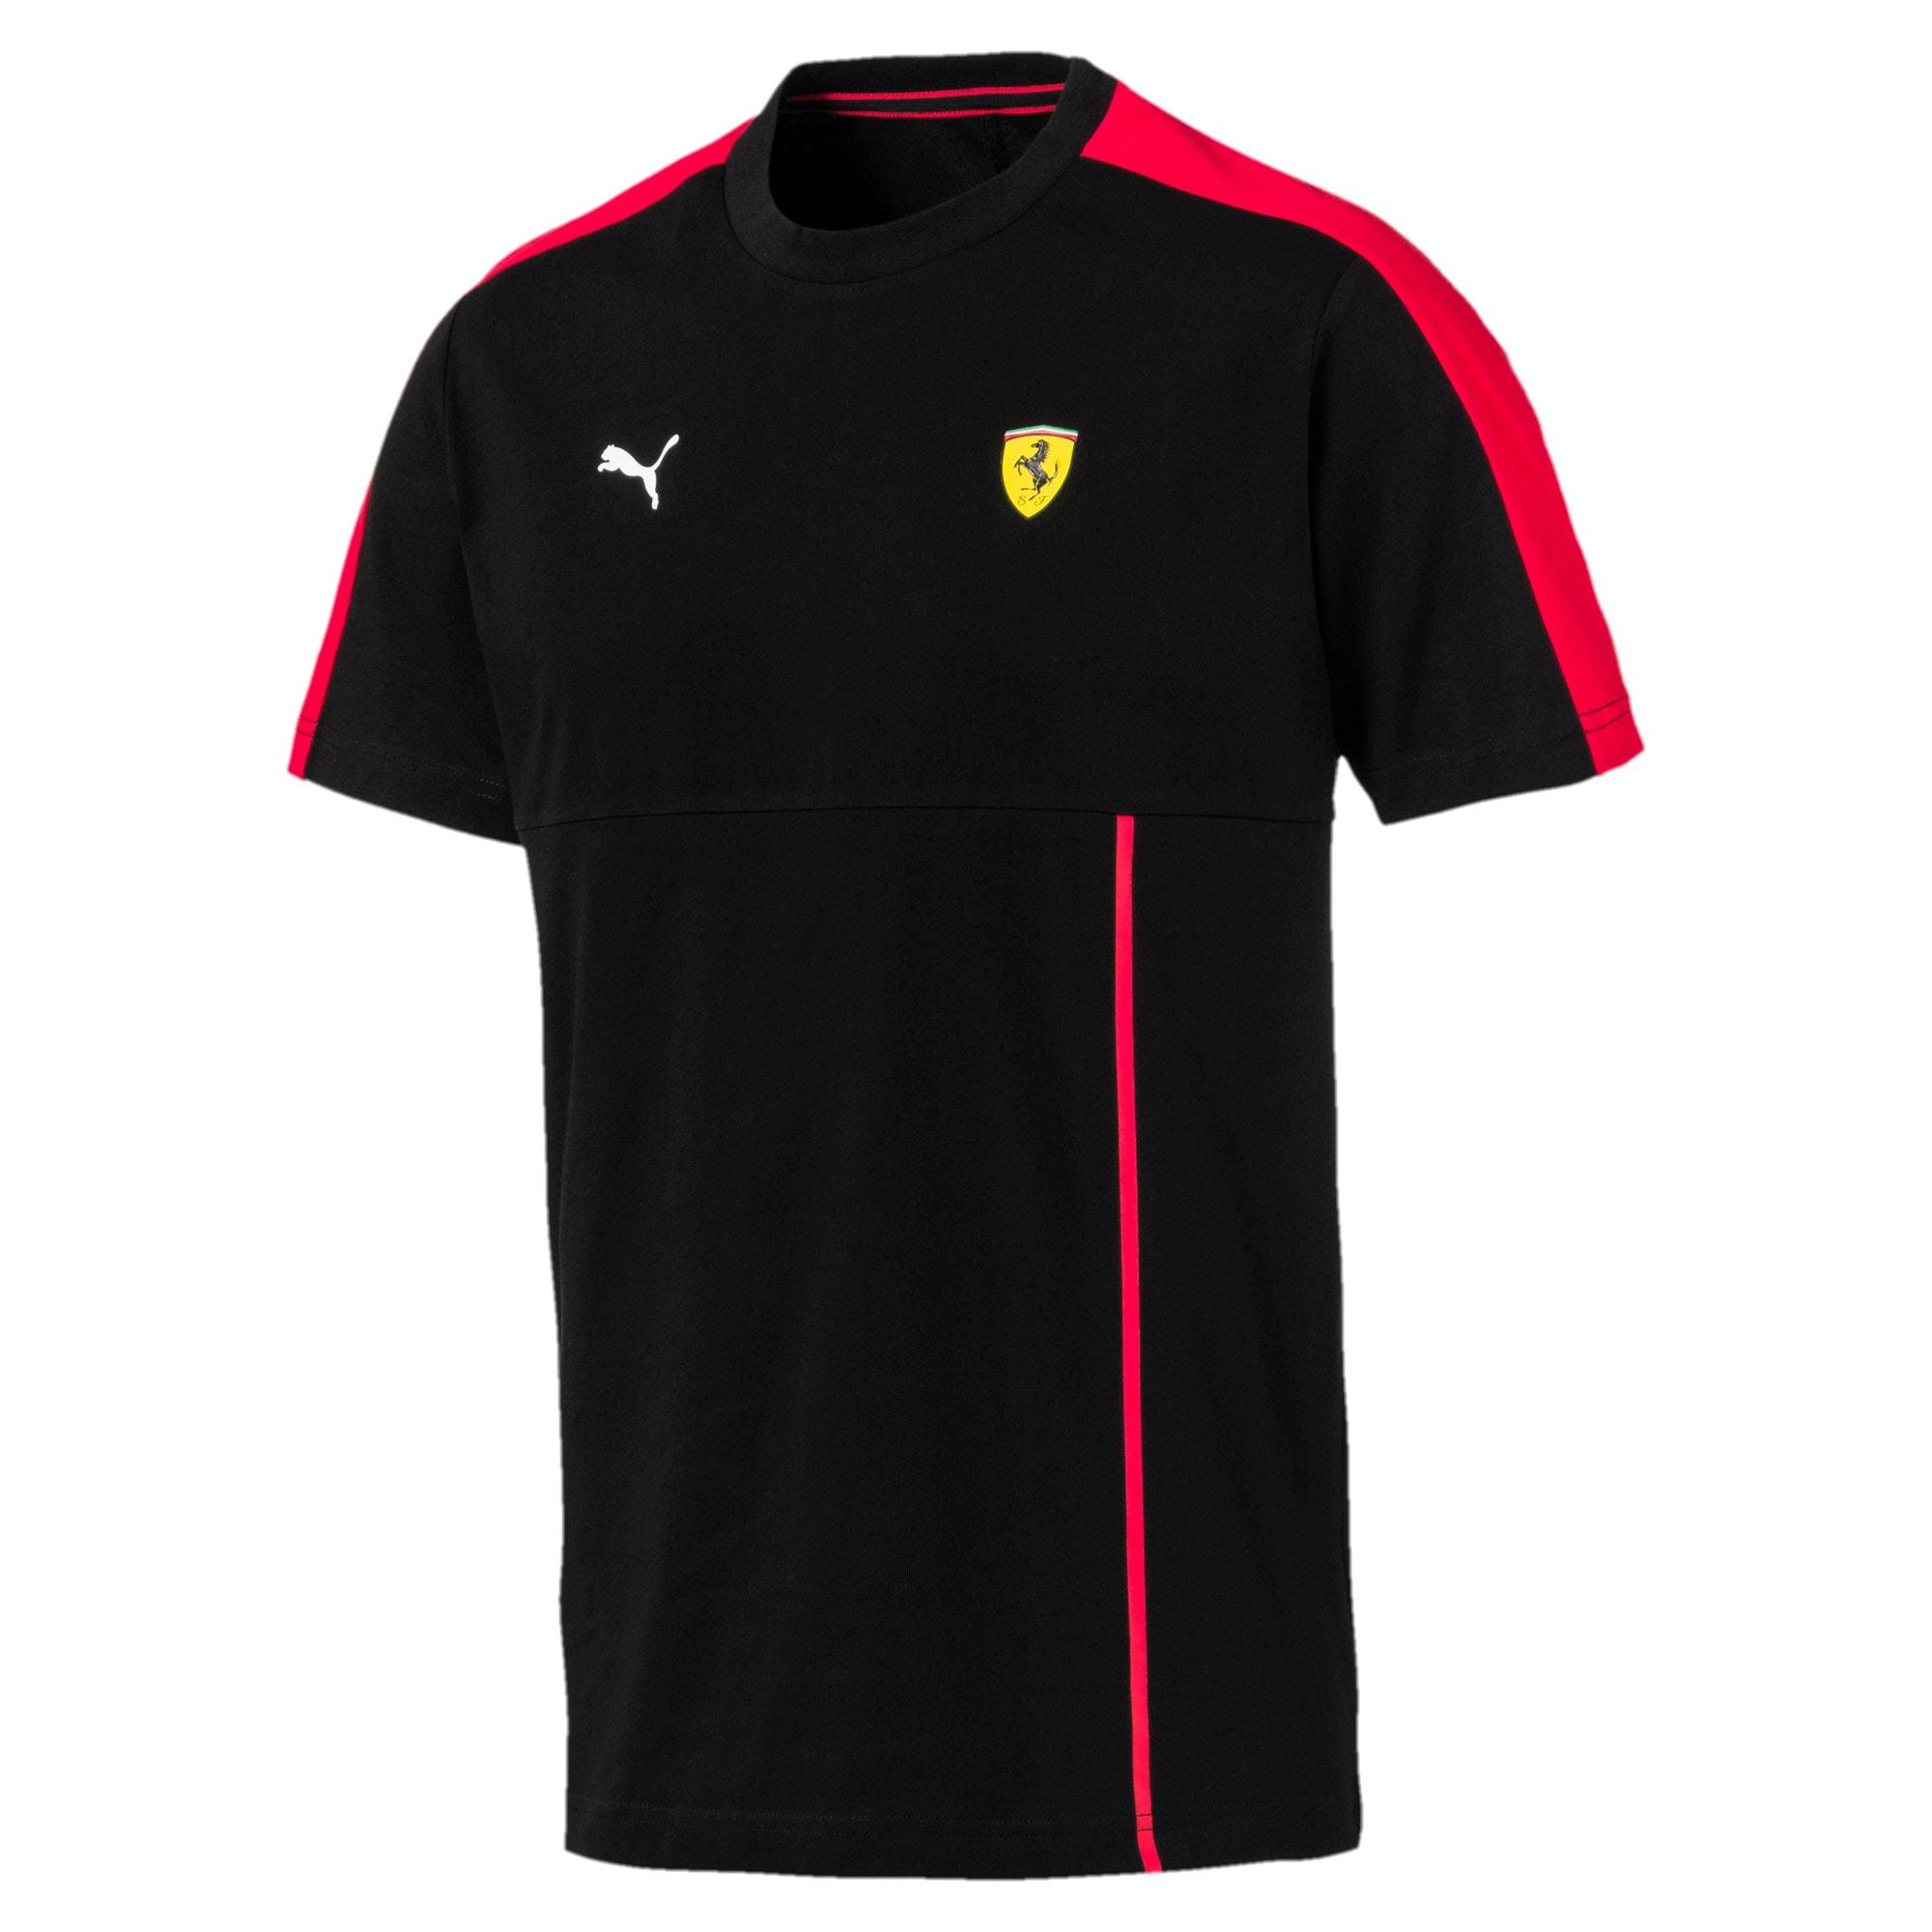 Camiseta T7 de hombre Ferrari